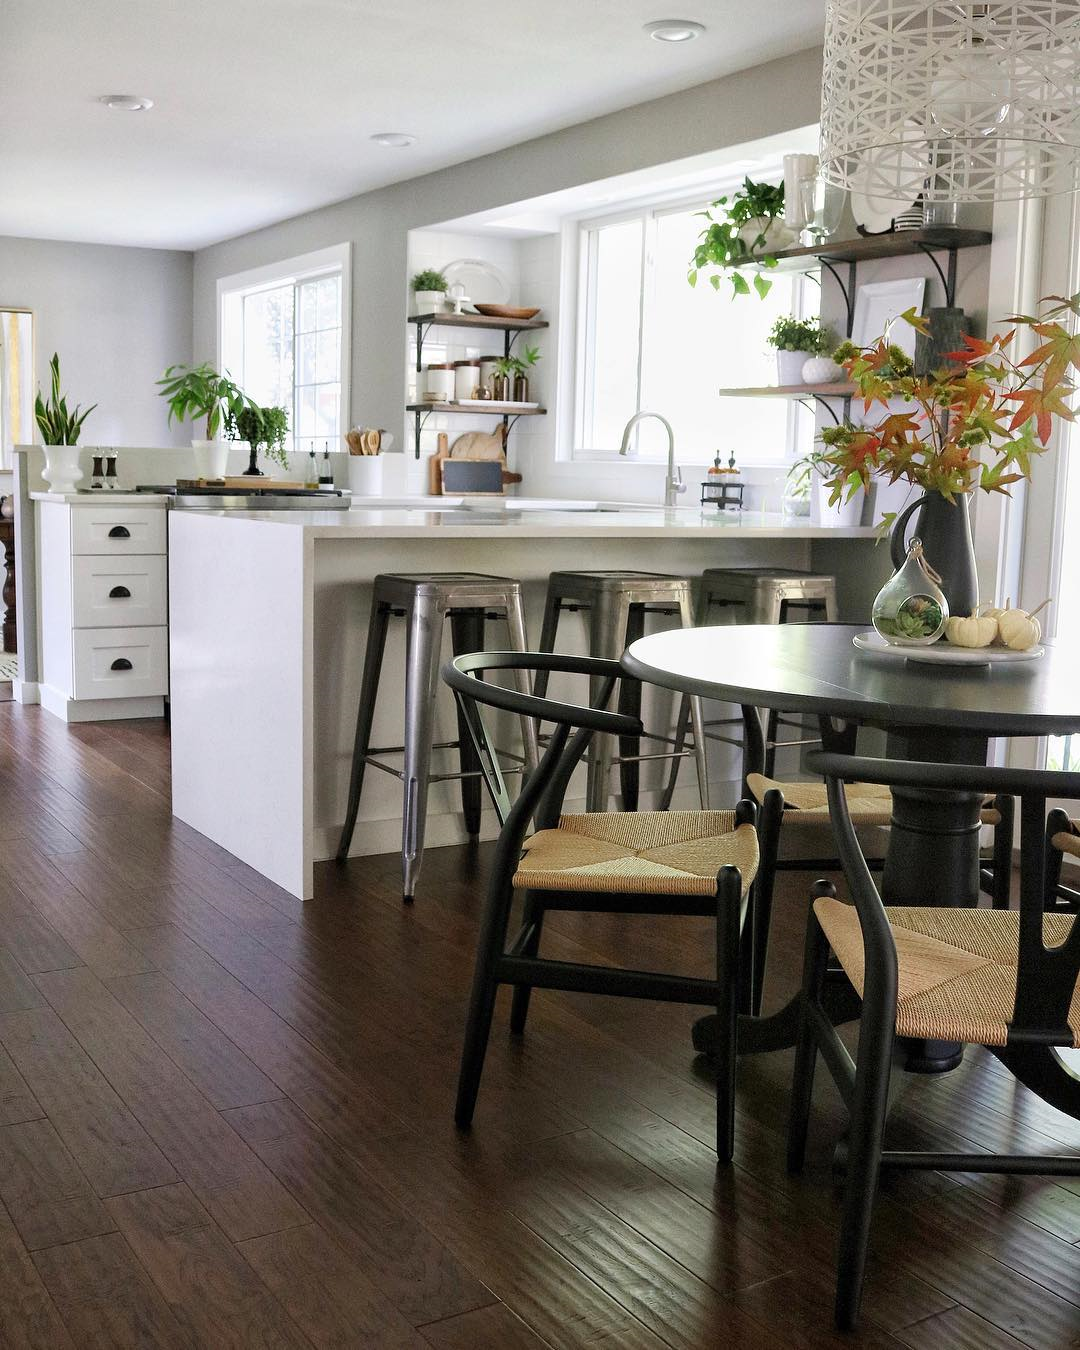 Hans Wegner Ch24 Wishbone Chair New Kitchen Cabinets Kitchen Inspirations Kitchen Decor